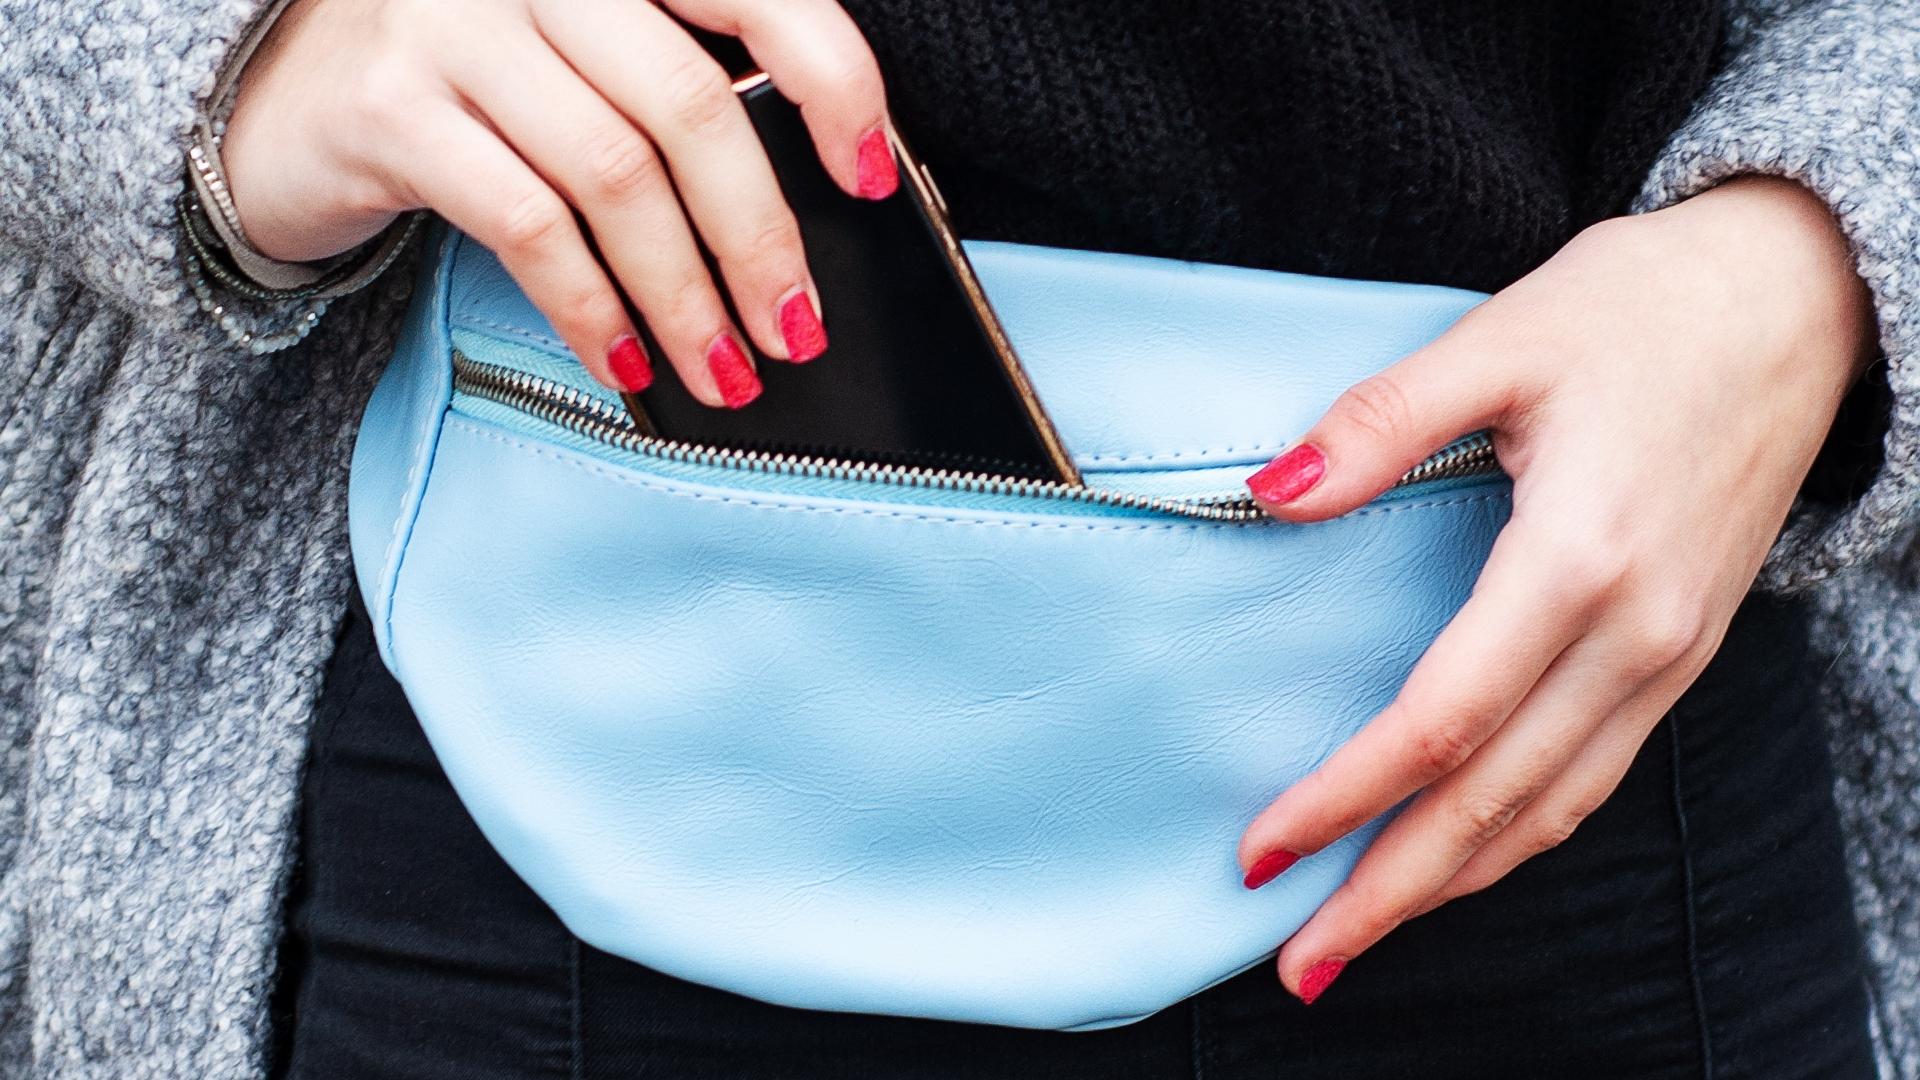 putting a phone in a waist bag